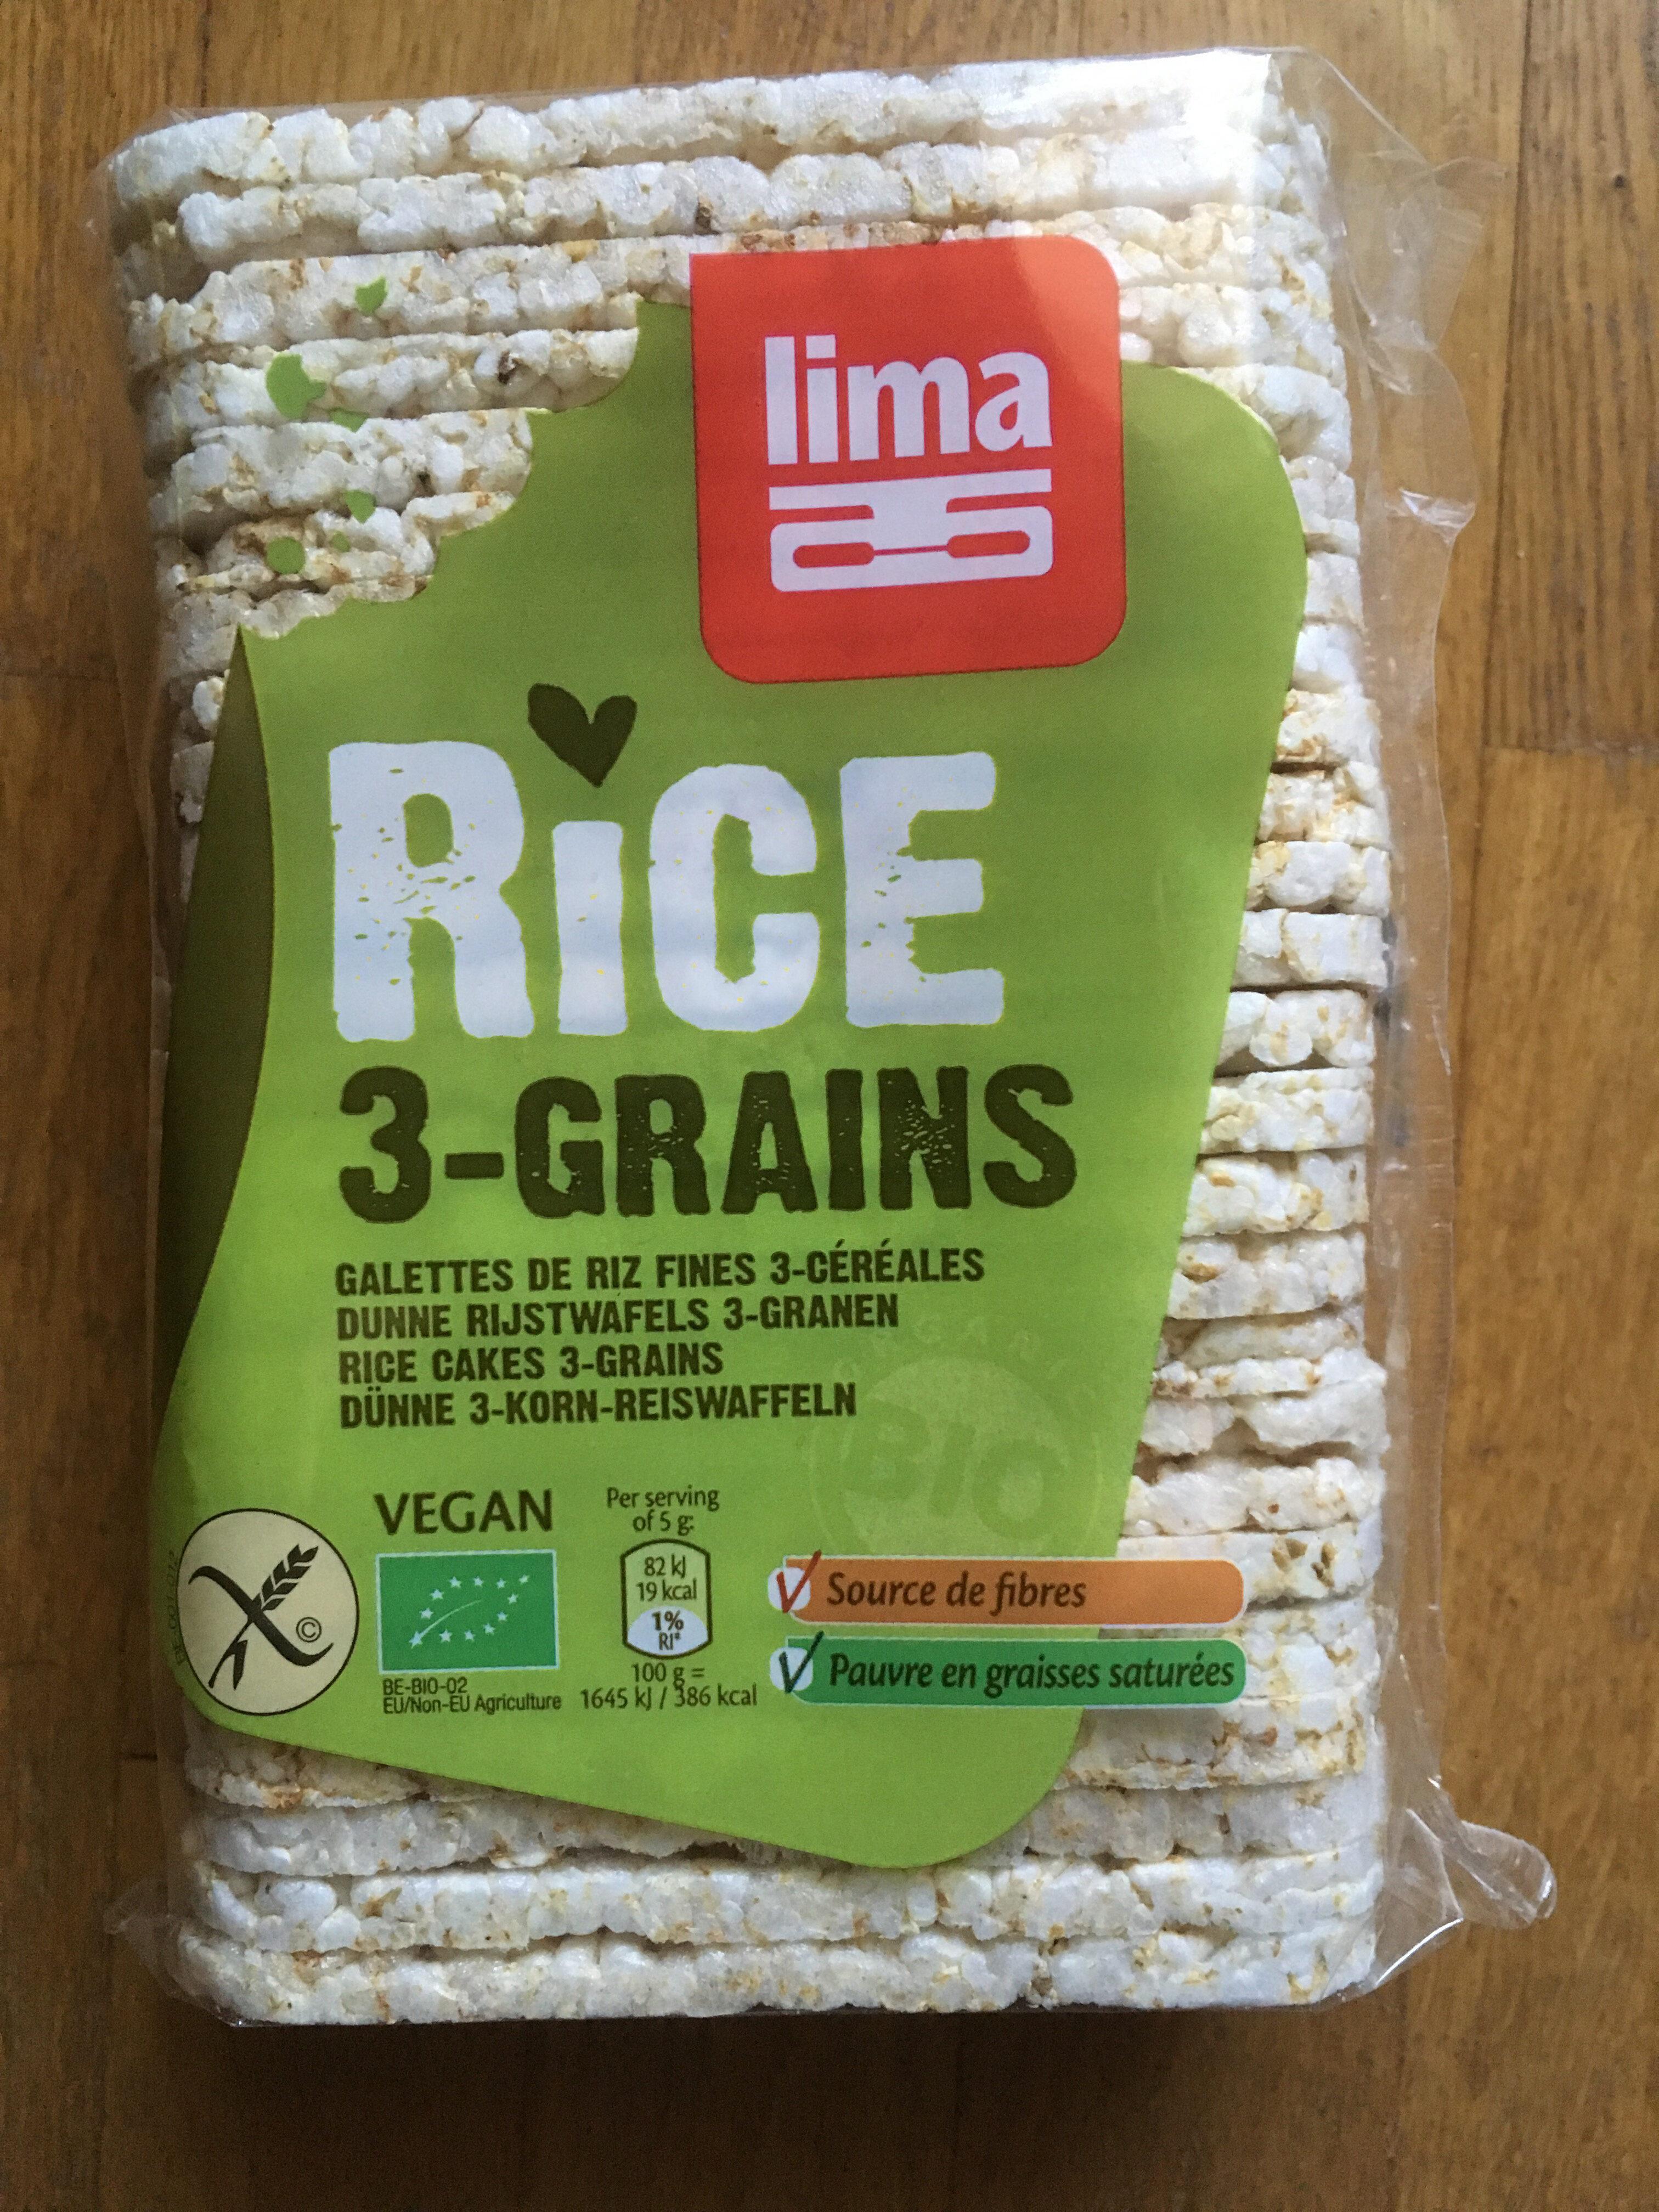 Rice 3-Grains - Galettes de riz fines - Produit - fr